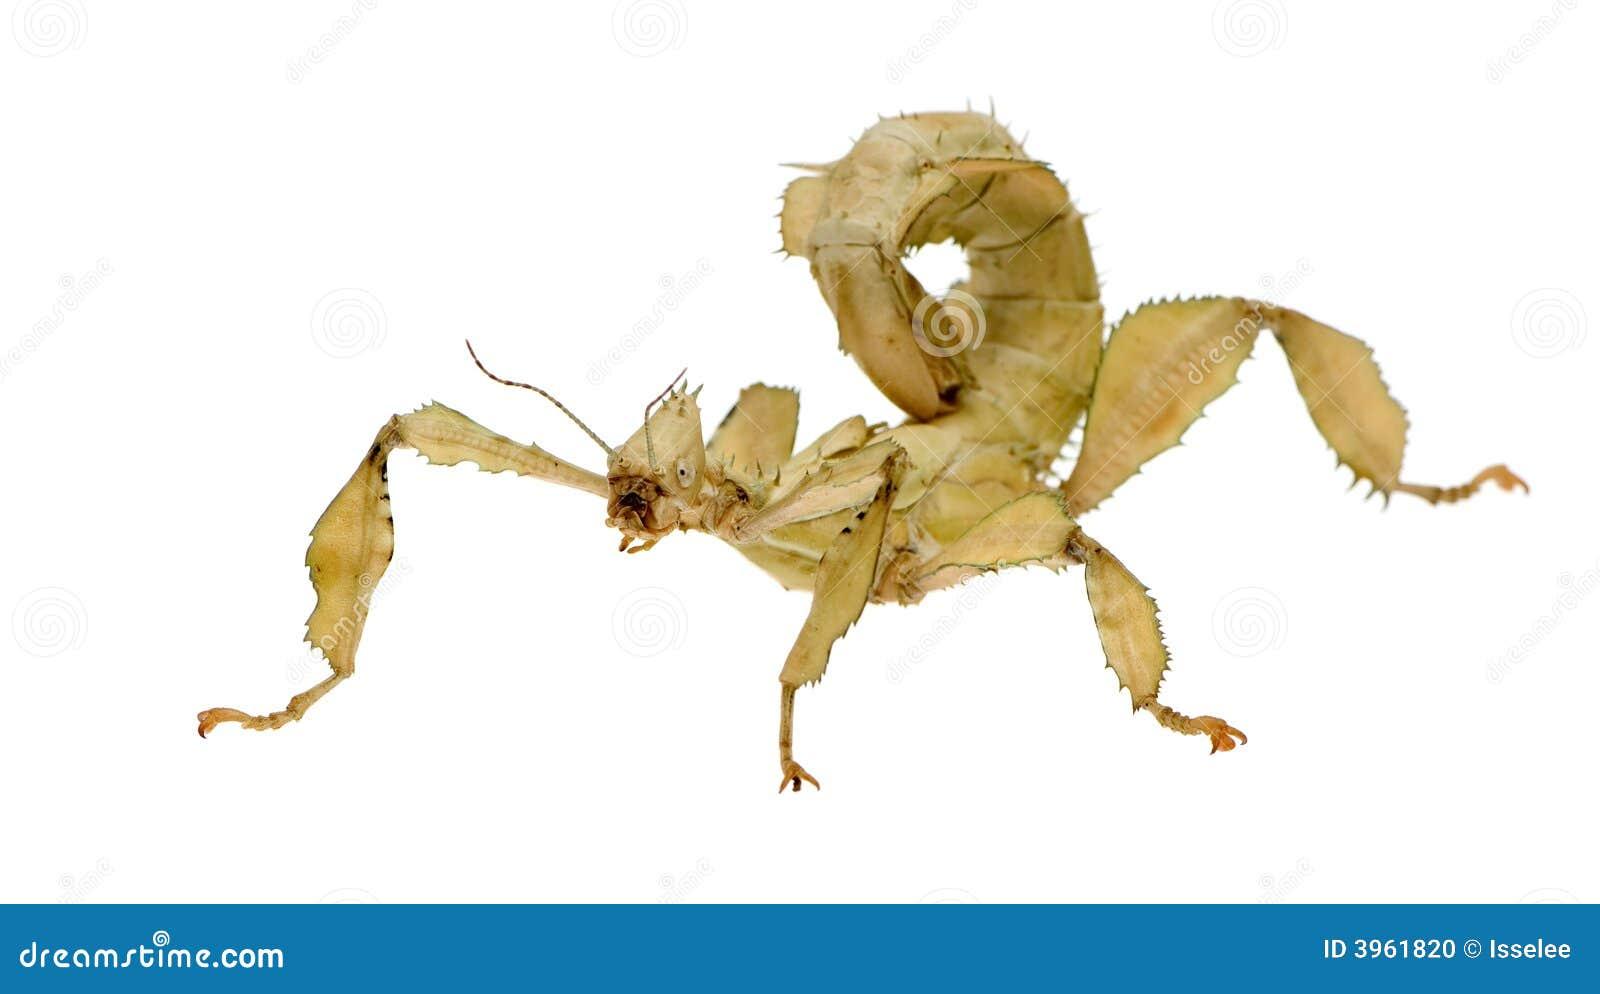 Stick Insect Phasmatodea Extatosoma Tiaratum Stock Photo Image